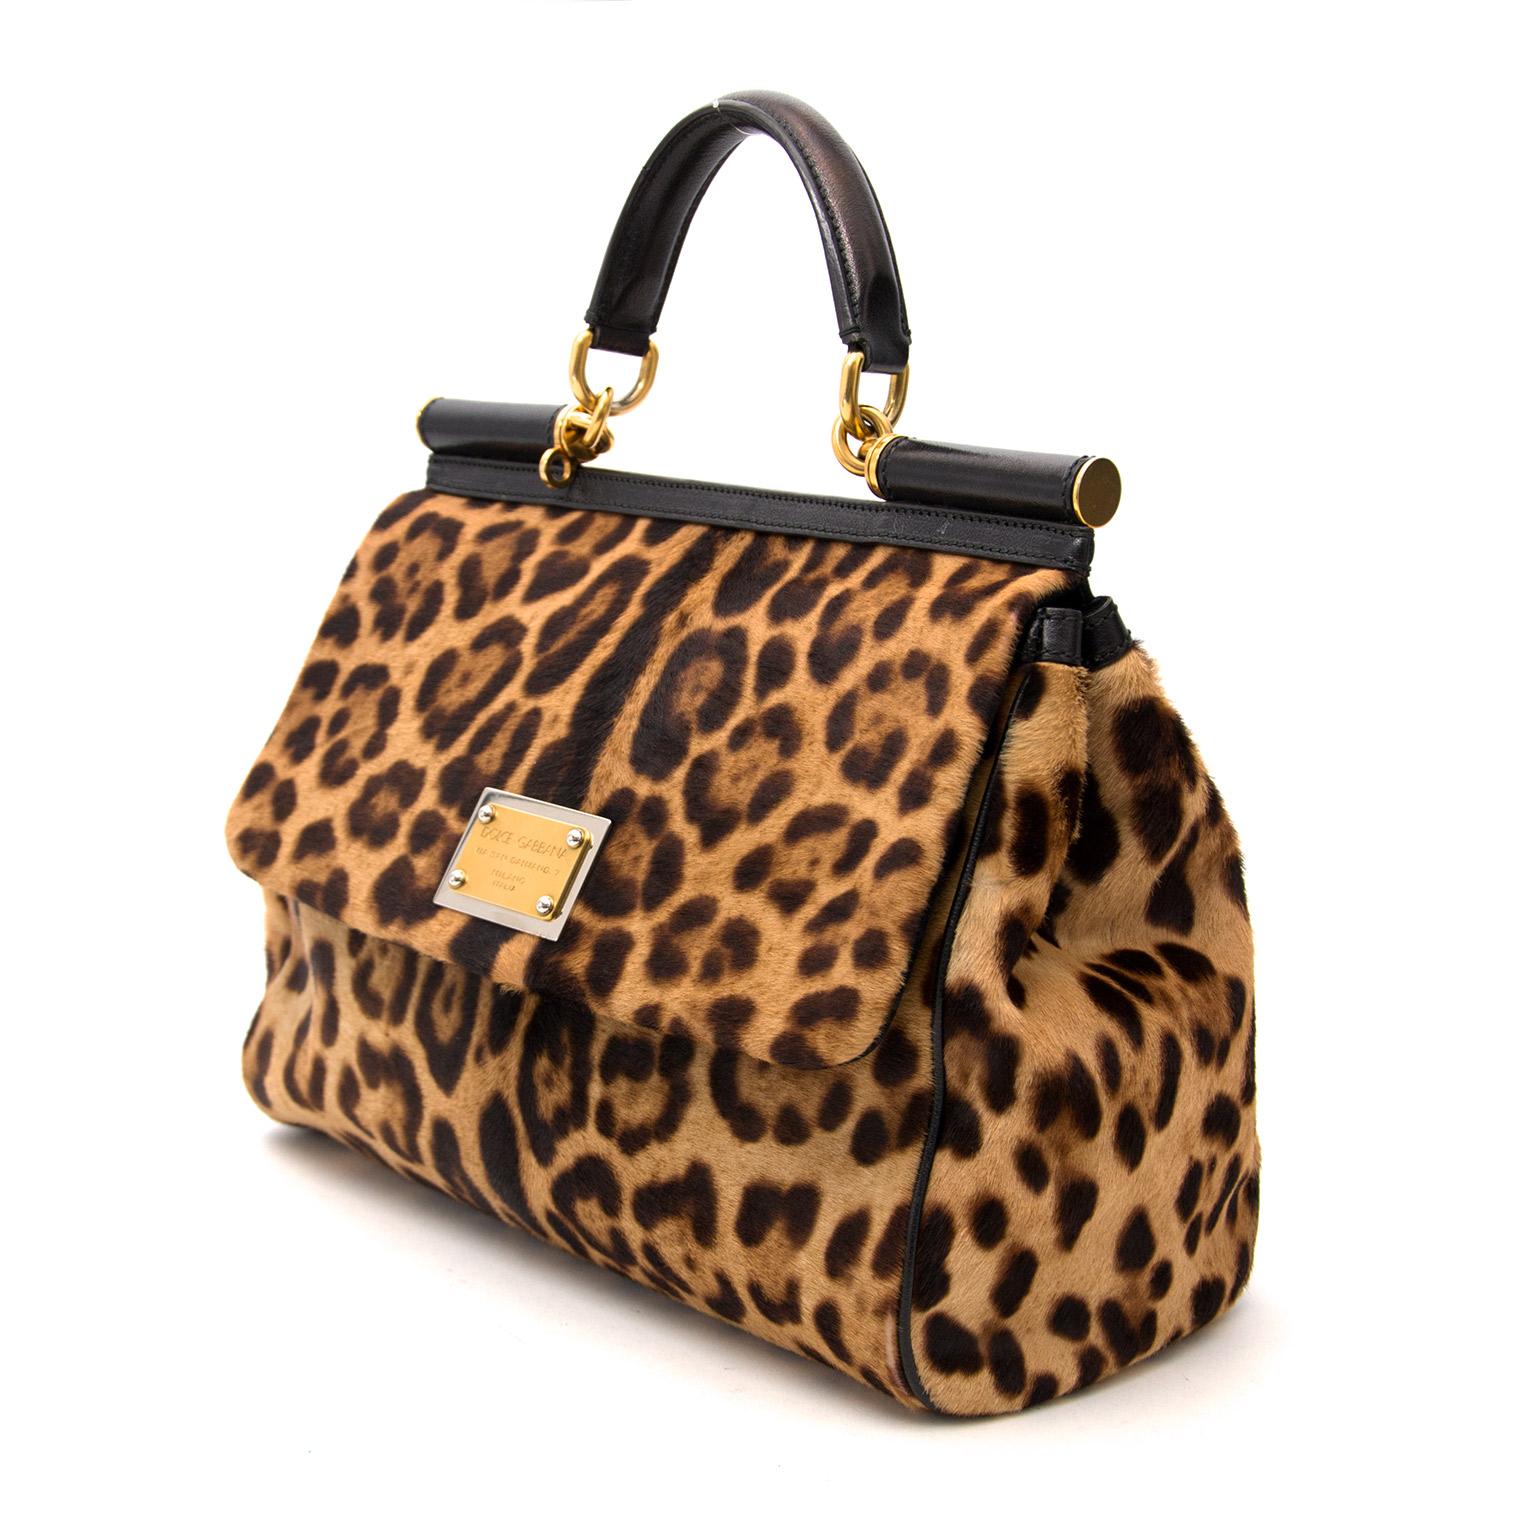 Koop en verkoop dolce & Gabbana Regular Sucily Pony Hair bij labellov.com Tweedehands tassen tegen de beste prijs.